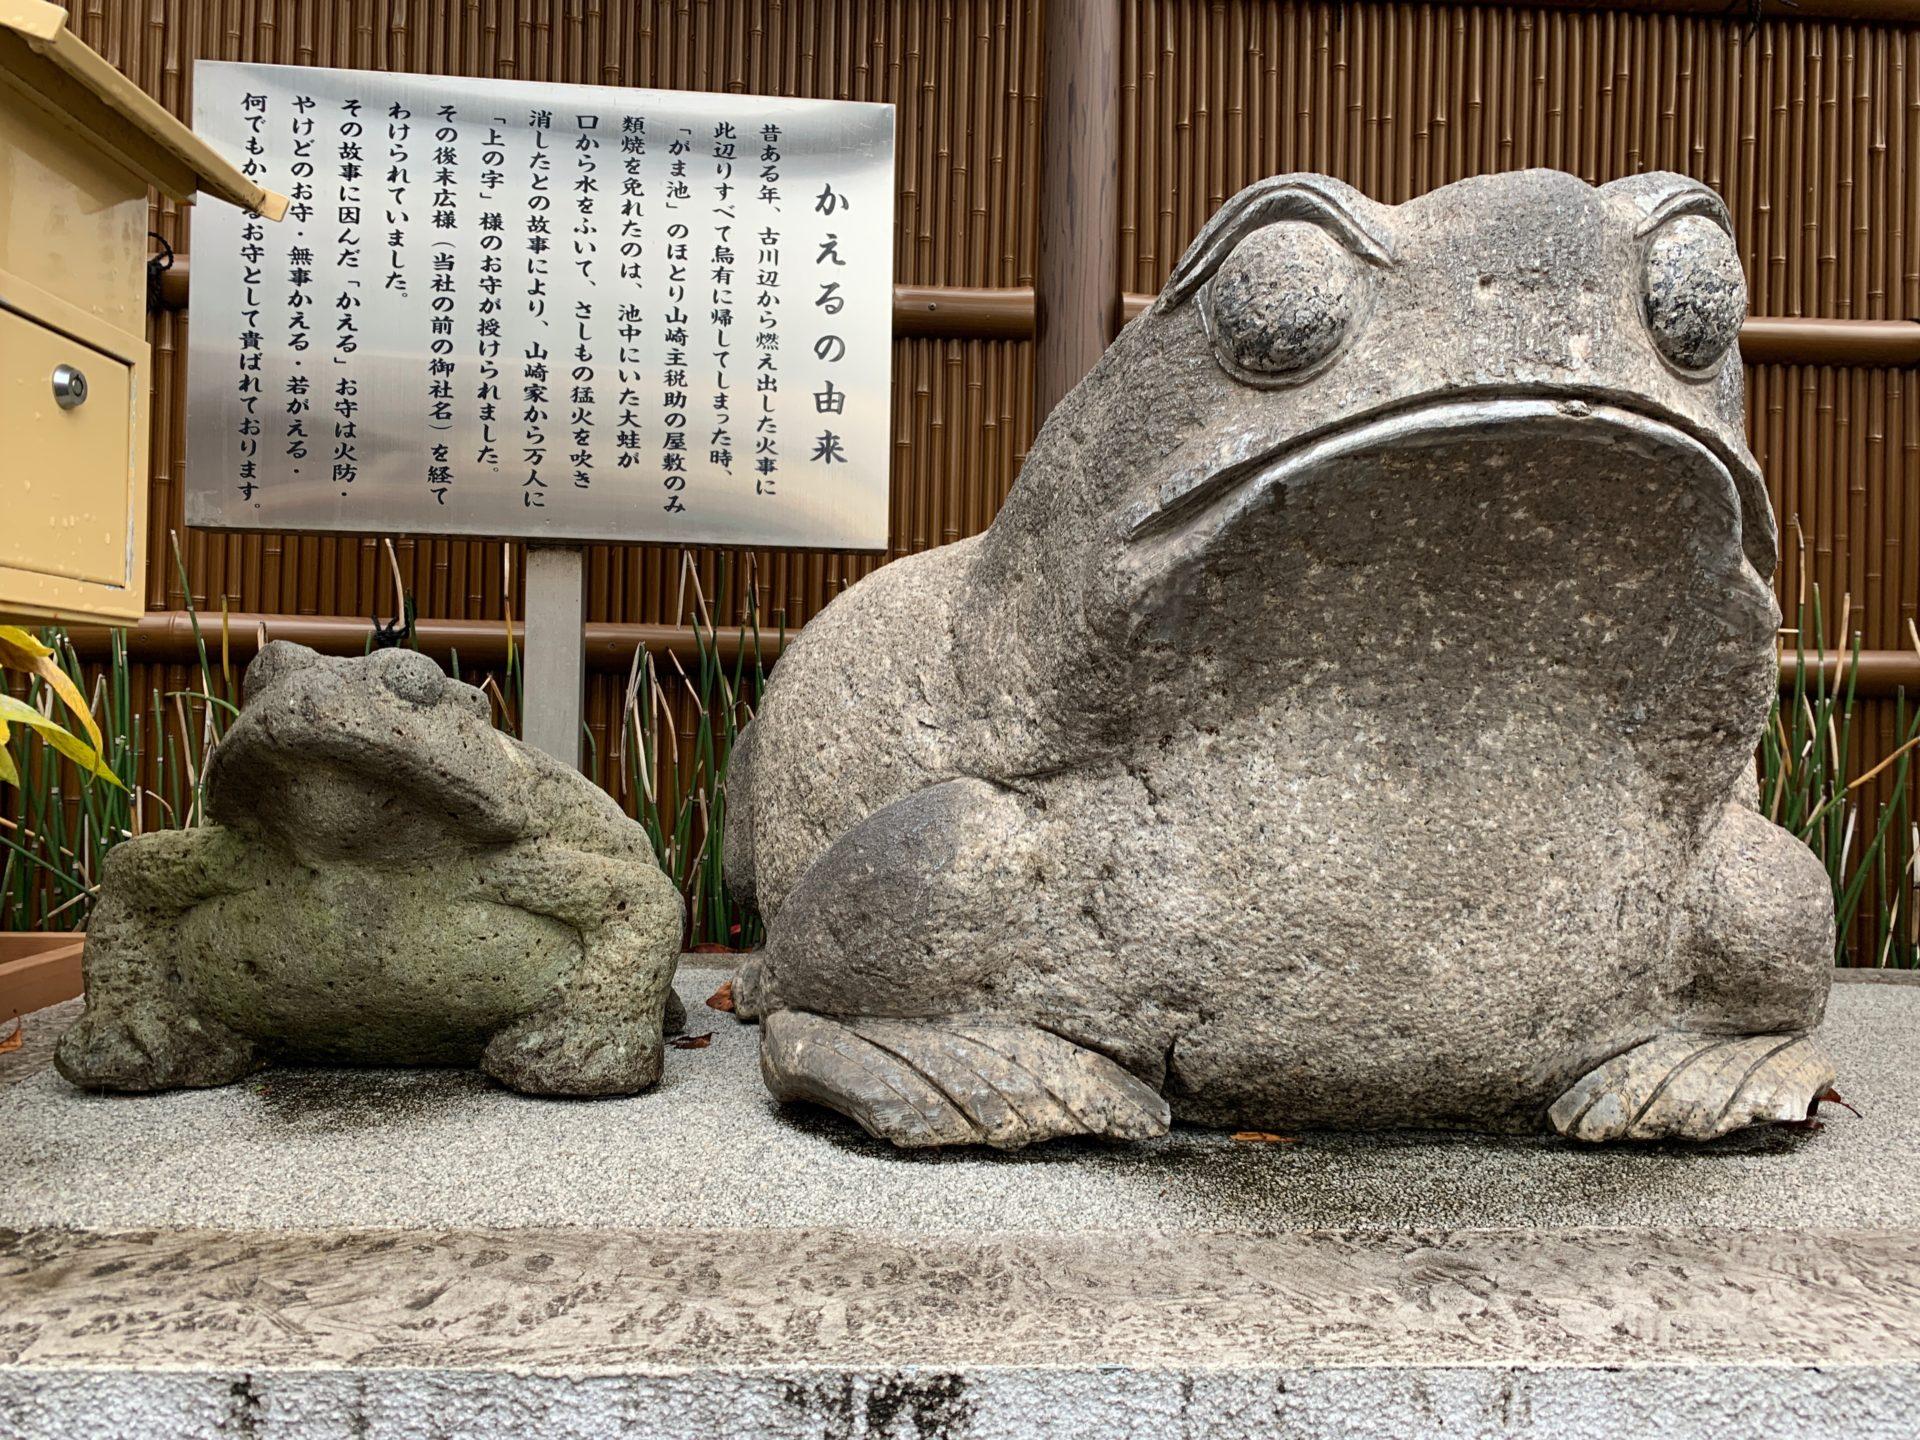 十番稲荷神社 かえるの石像